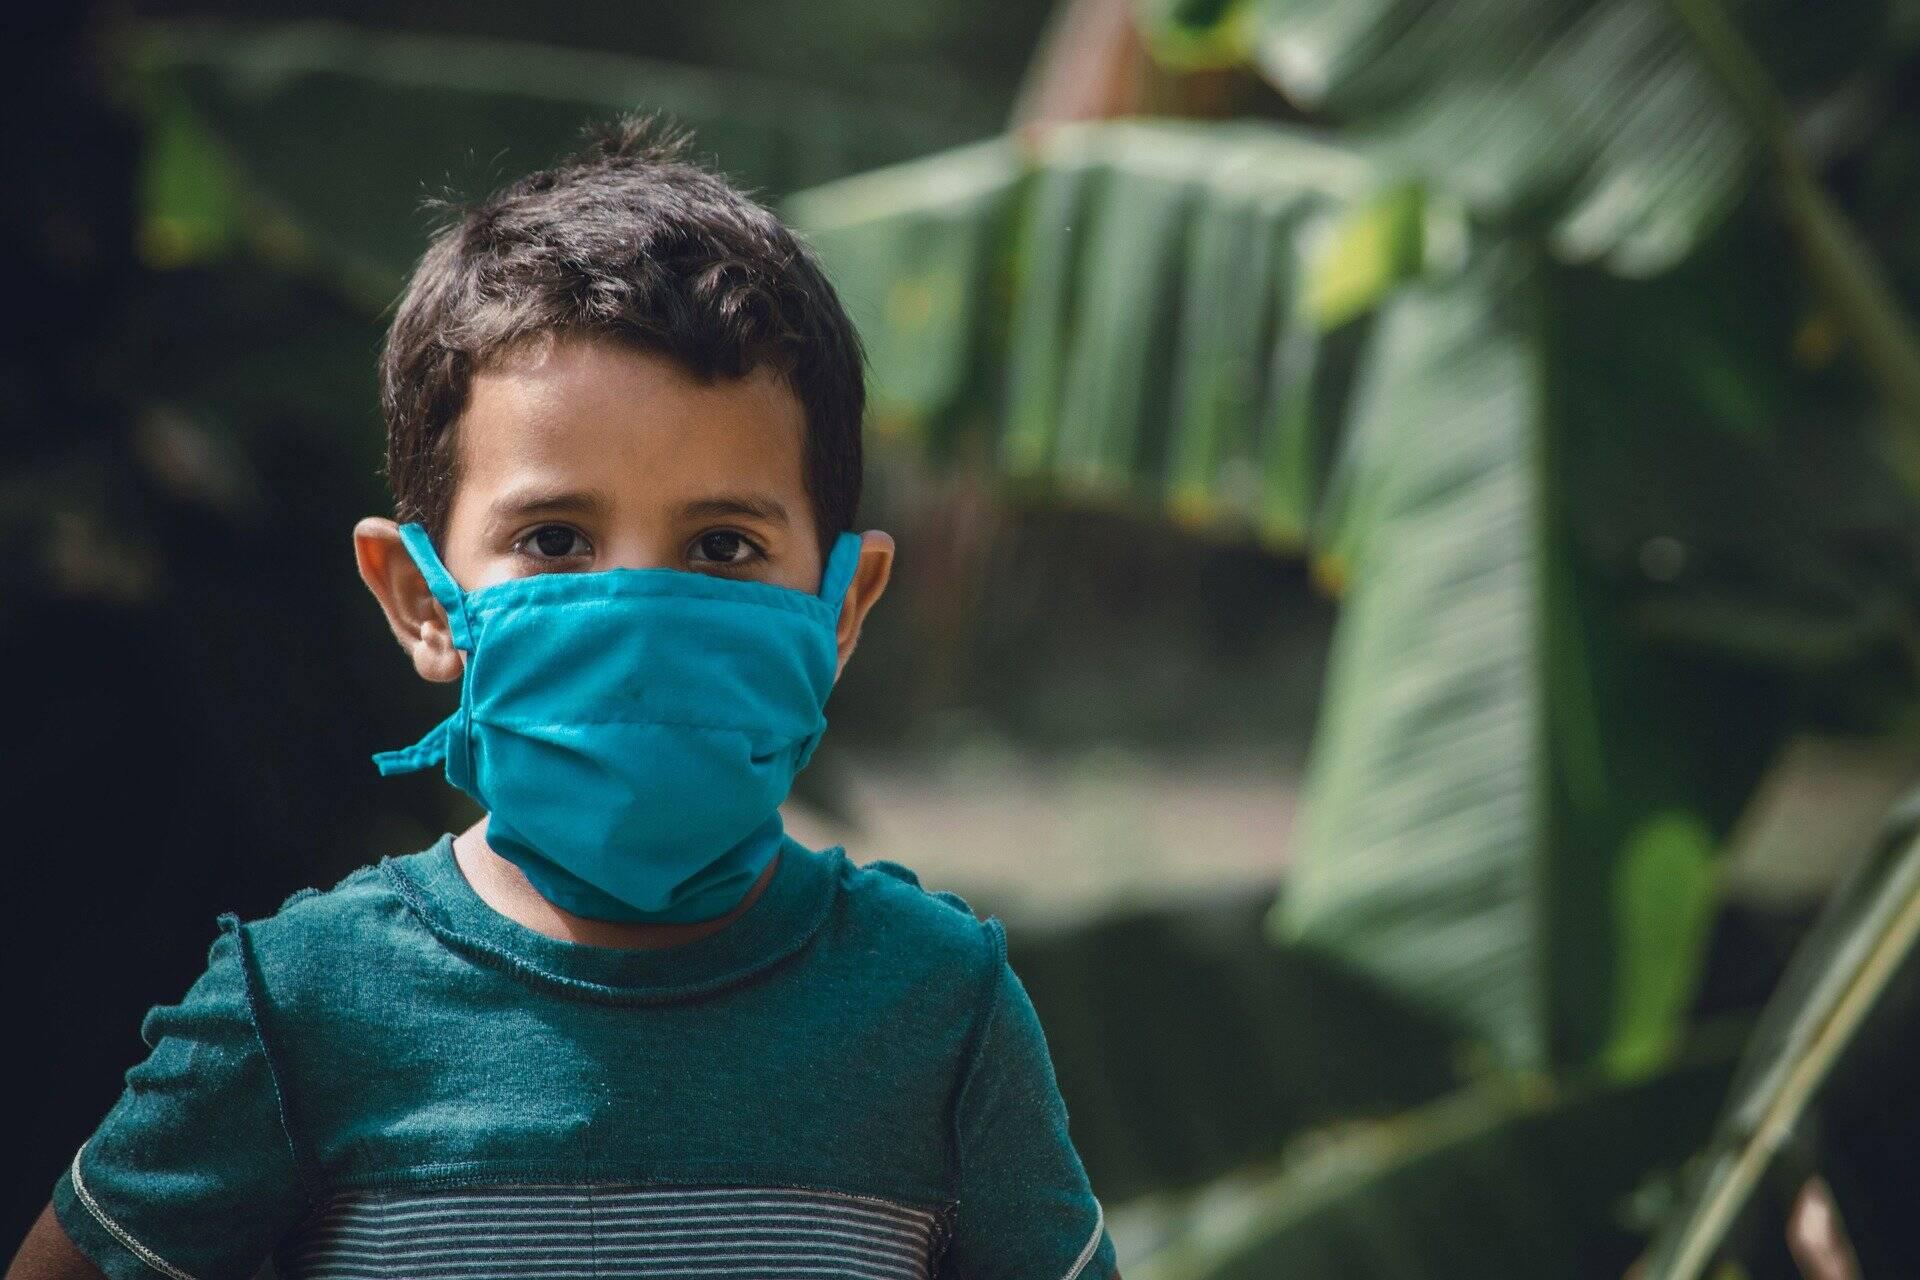 O governo do país espera começar a imunizar menores de 12 anos até setembro (Foto: Pixabay)